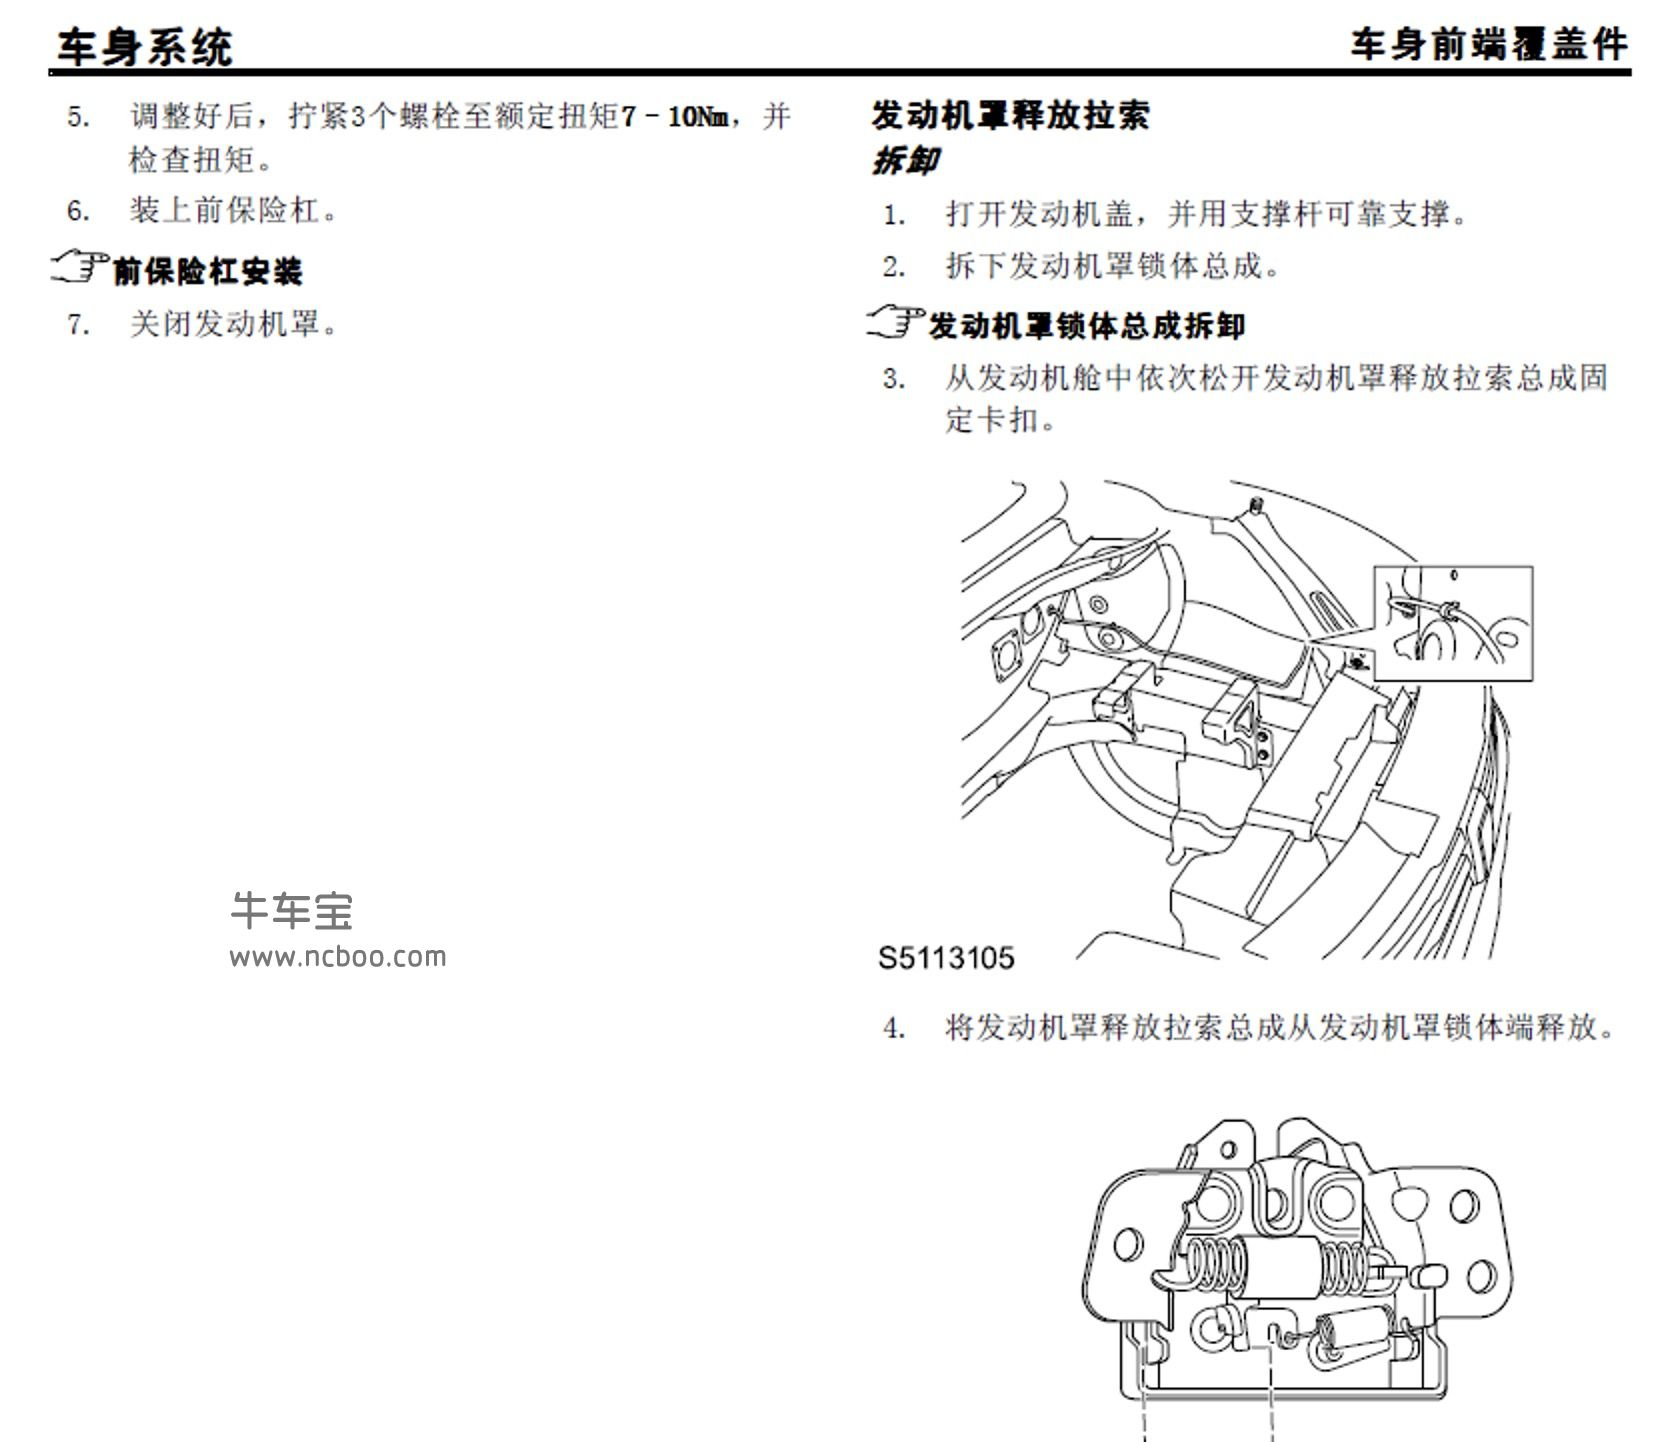 2016-2017款荣威RX-5原厂维修手册和电路图